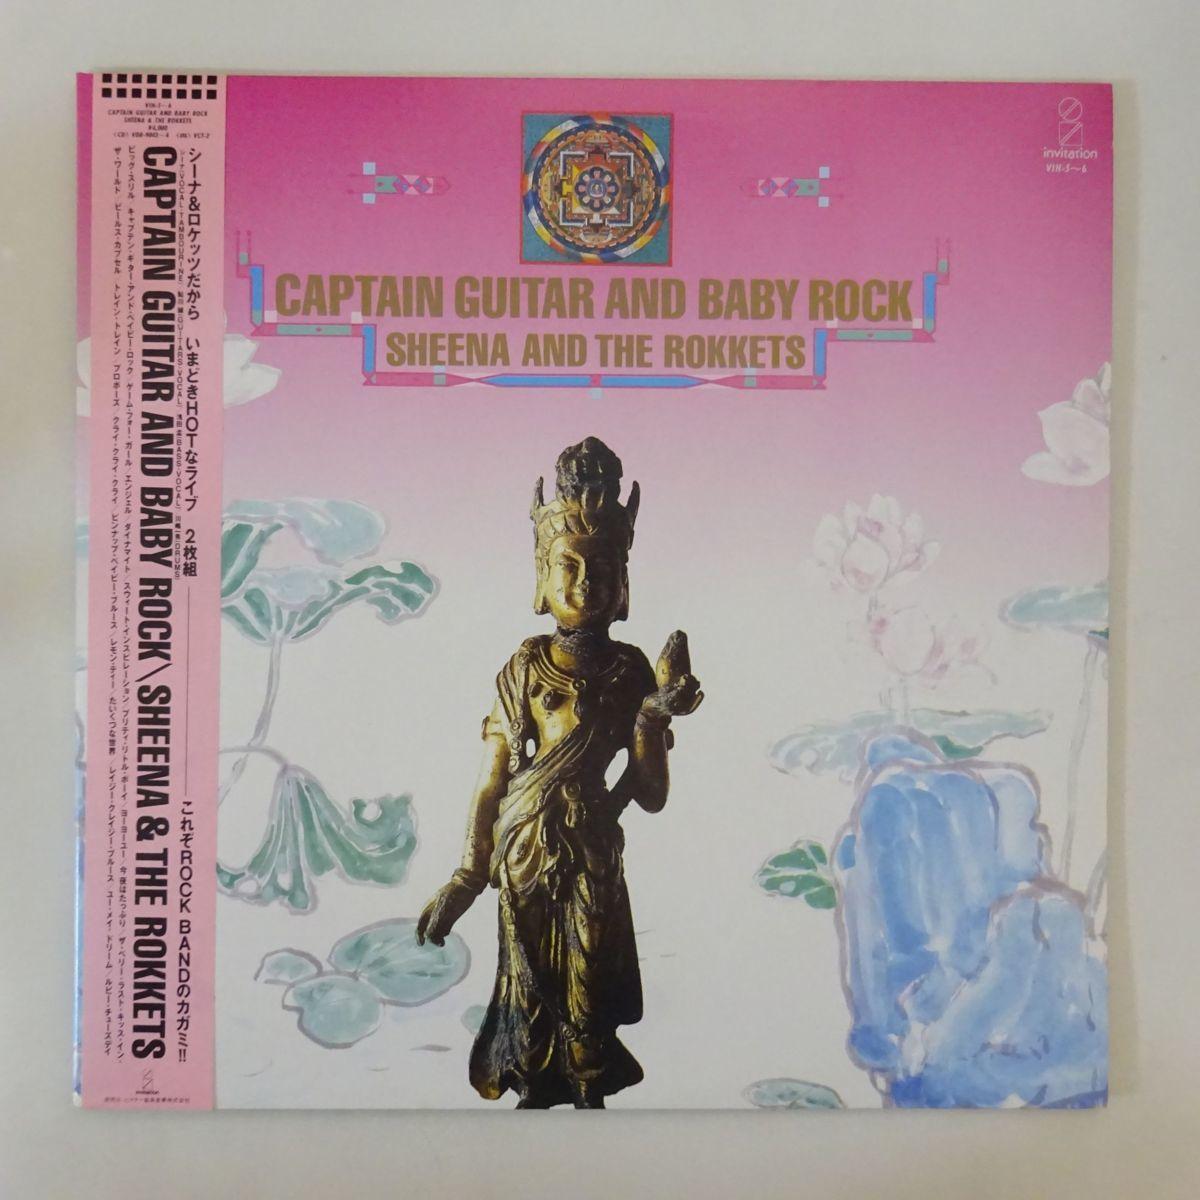 13036632;【帯付/2LP/ブックレット/山口冨士夫参加】Sheena & The Rokkets / Captain Guitar And Baby Rock_画像1